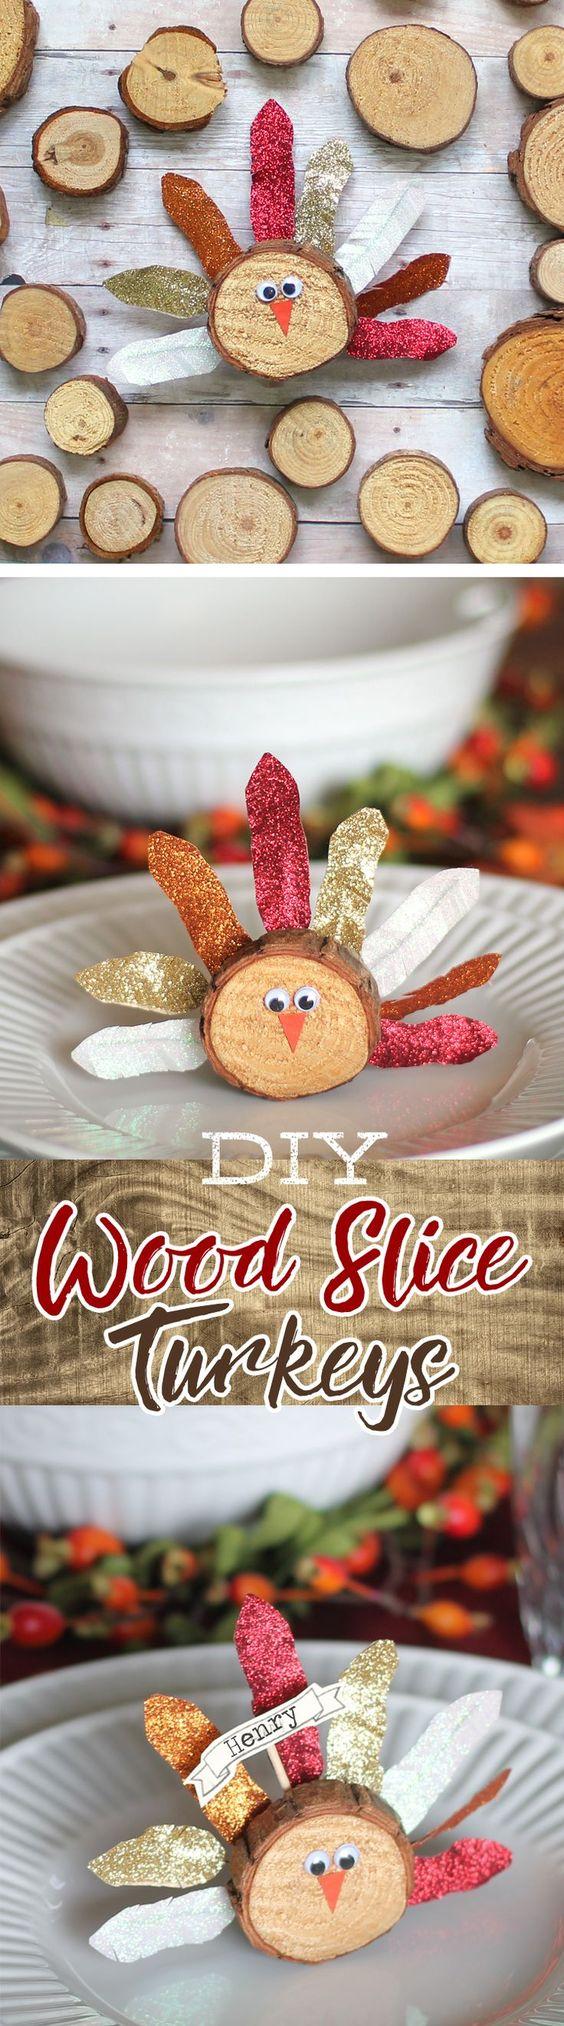 Wood Slice Turkey Craft with Washi Tape Feathers.